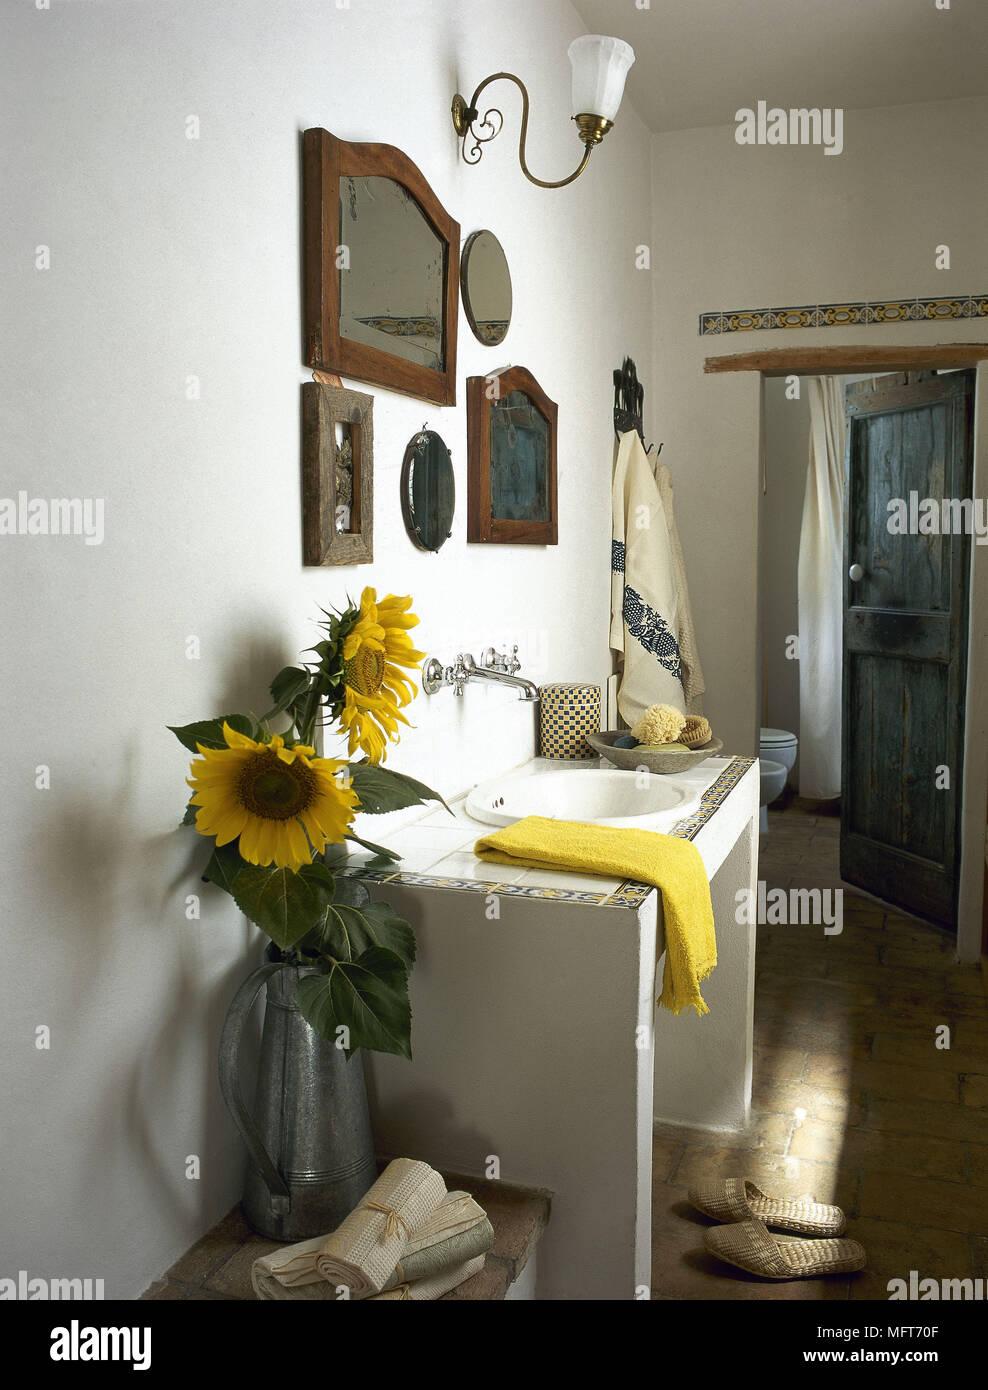 Landhausstil Badezimmer Waschbecken Aus Keramik Surround Inneneinrichtung  Badezimmer Waschbecken